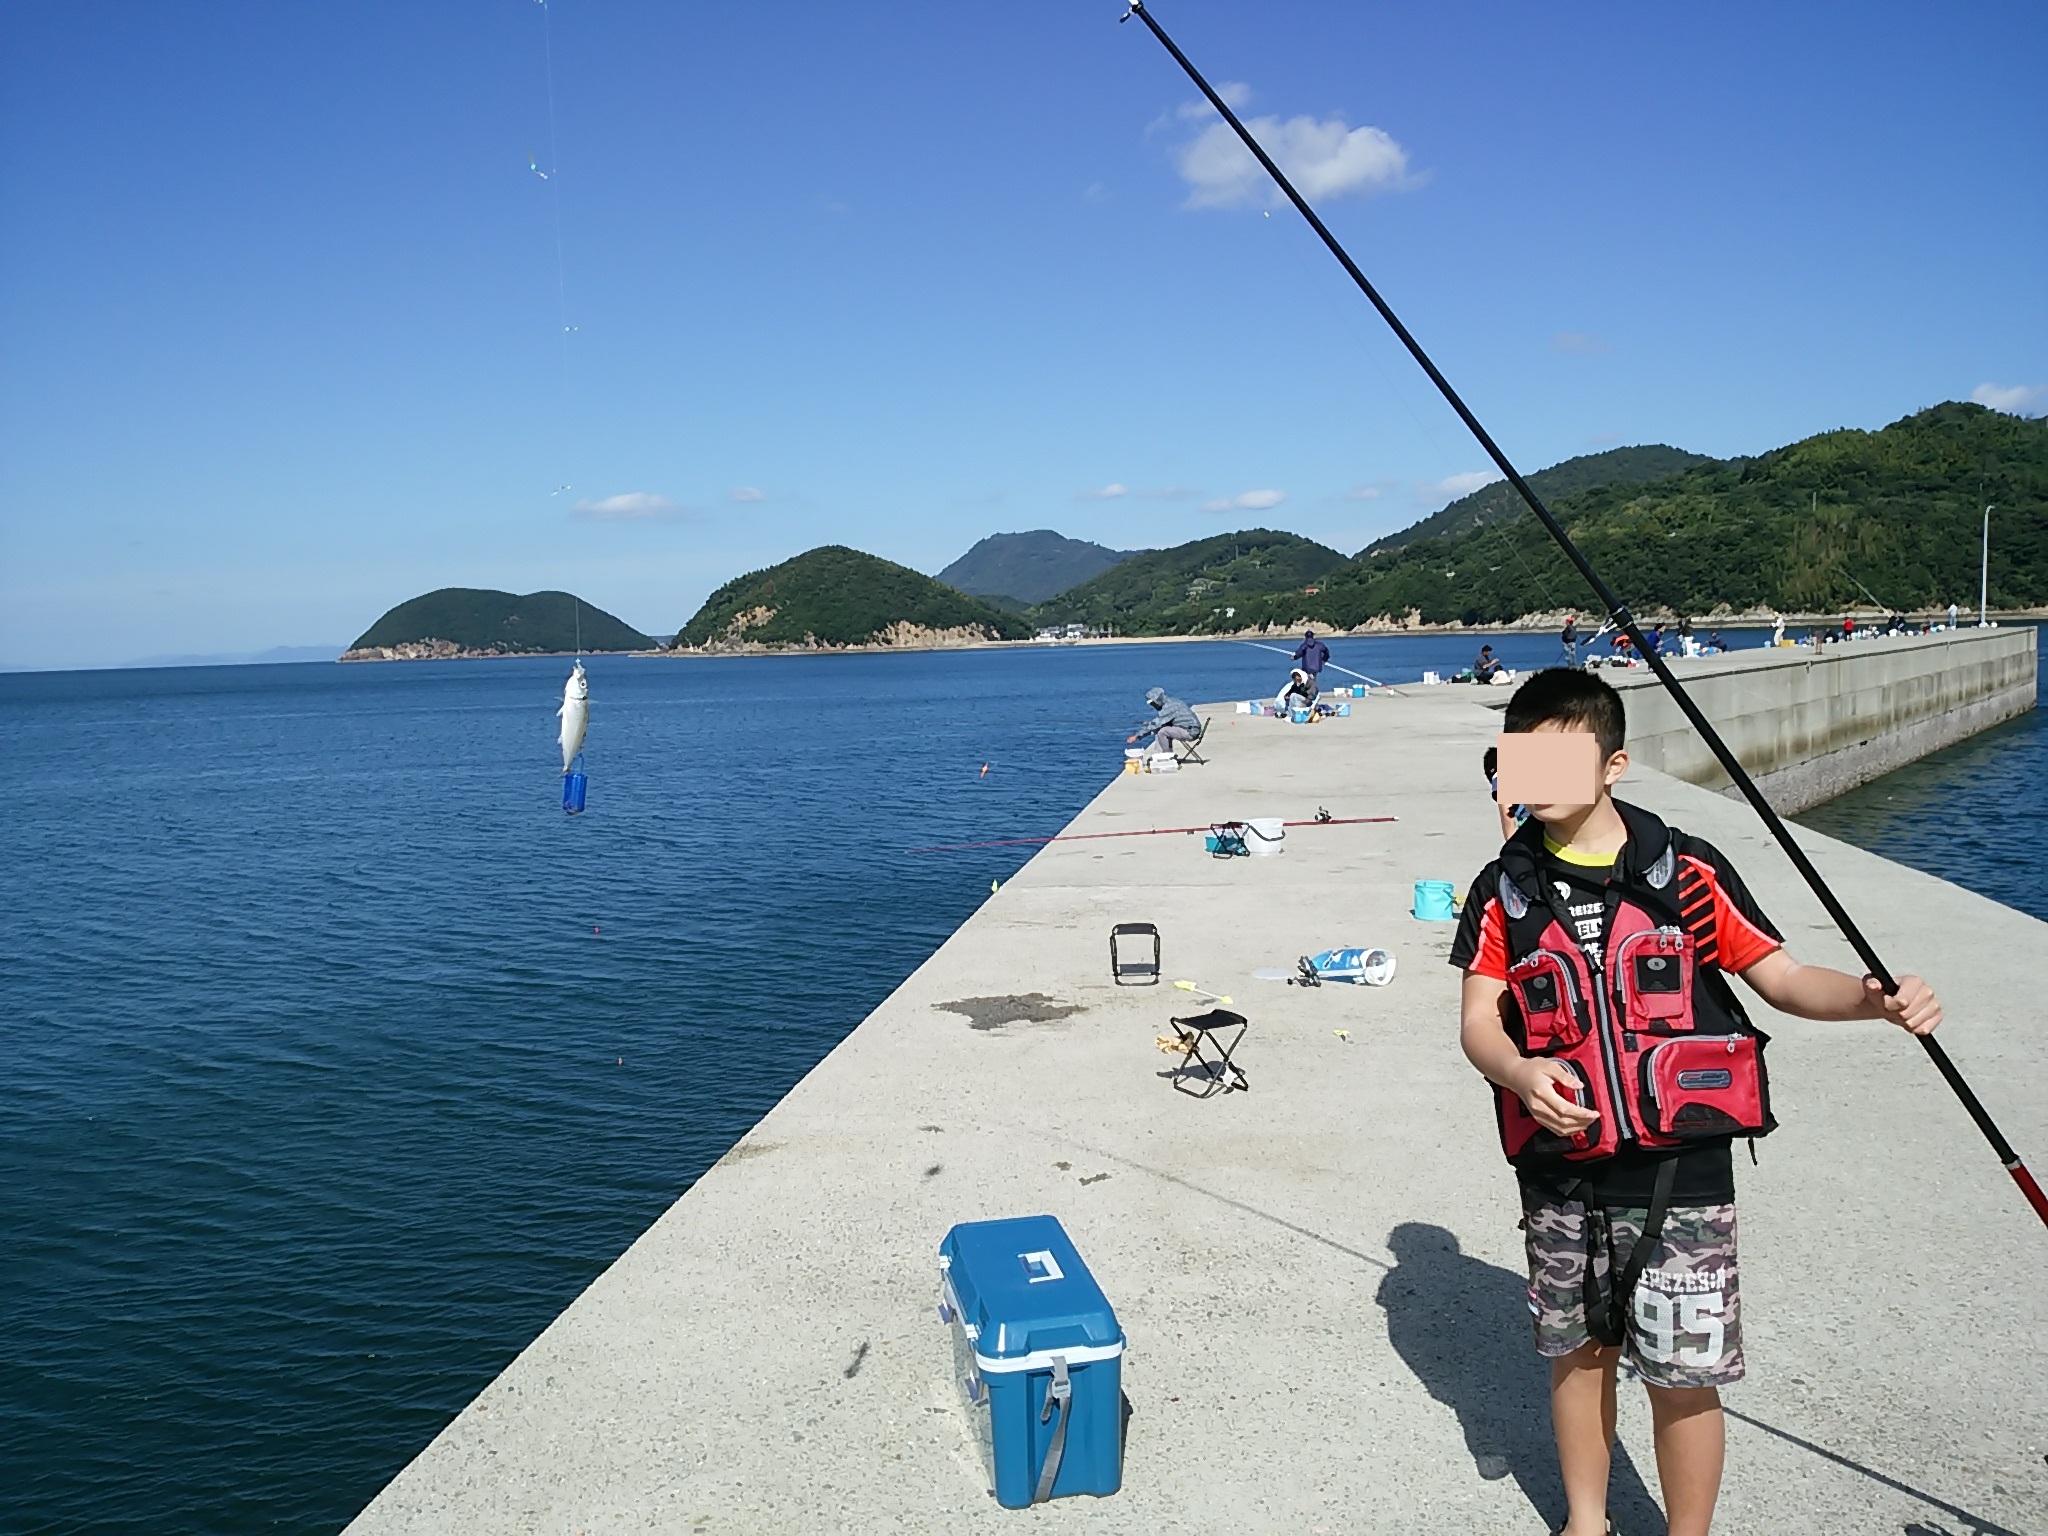 仁尾マリーナのサビキ釣り サバやアジやサヨリが入れ食い